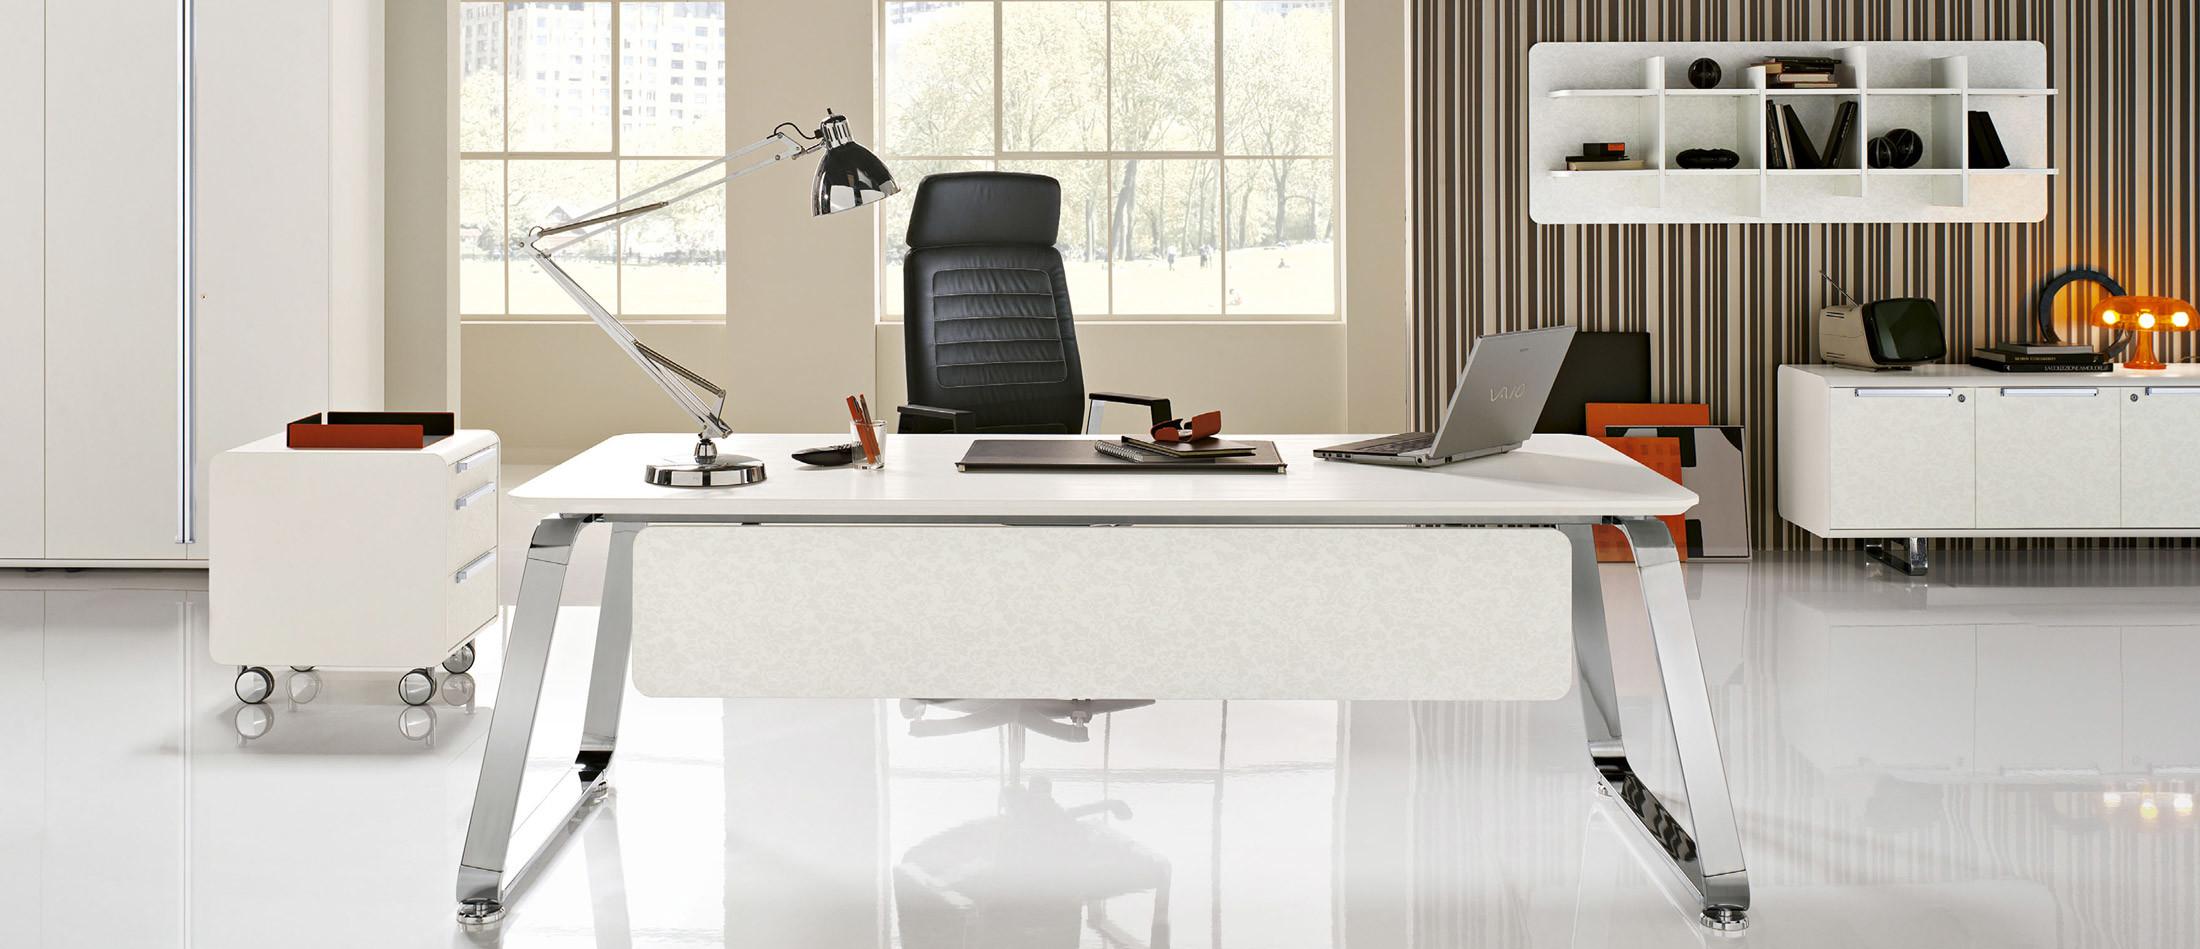 Arredo ufficio mobili ufficio su misura contact roma - Arredamento da ufficio ...